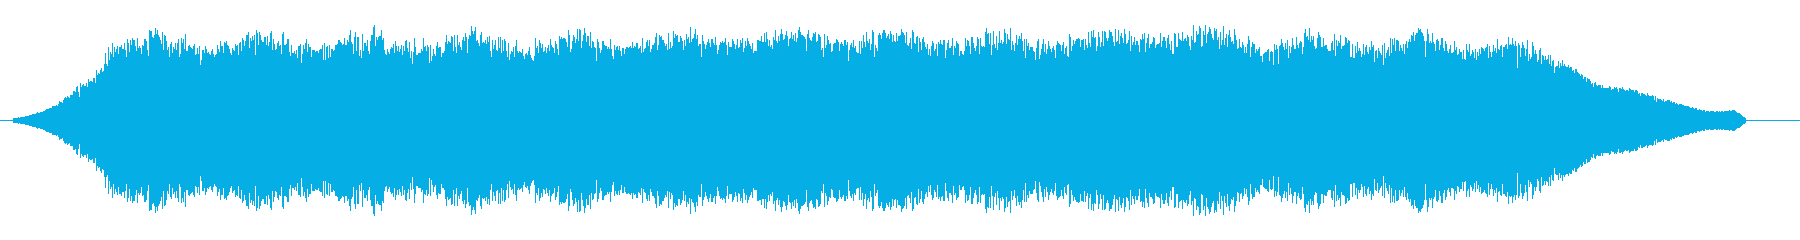 ビウィウィウィ(強めのUFO飛行音)の再生済みの波形